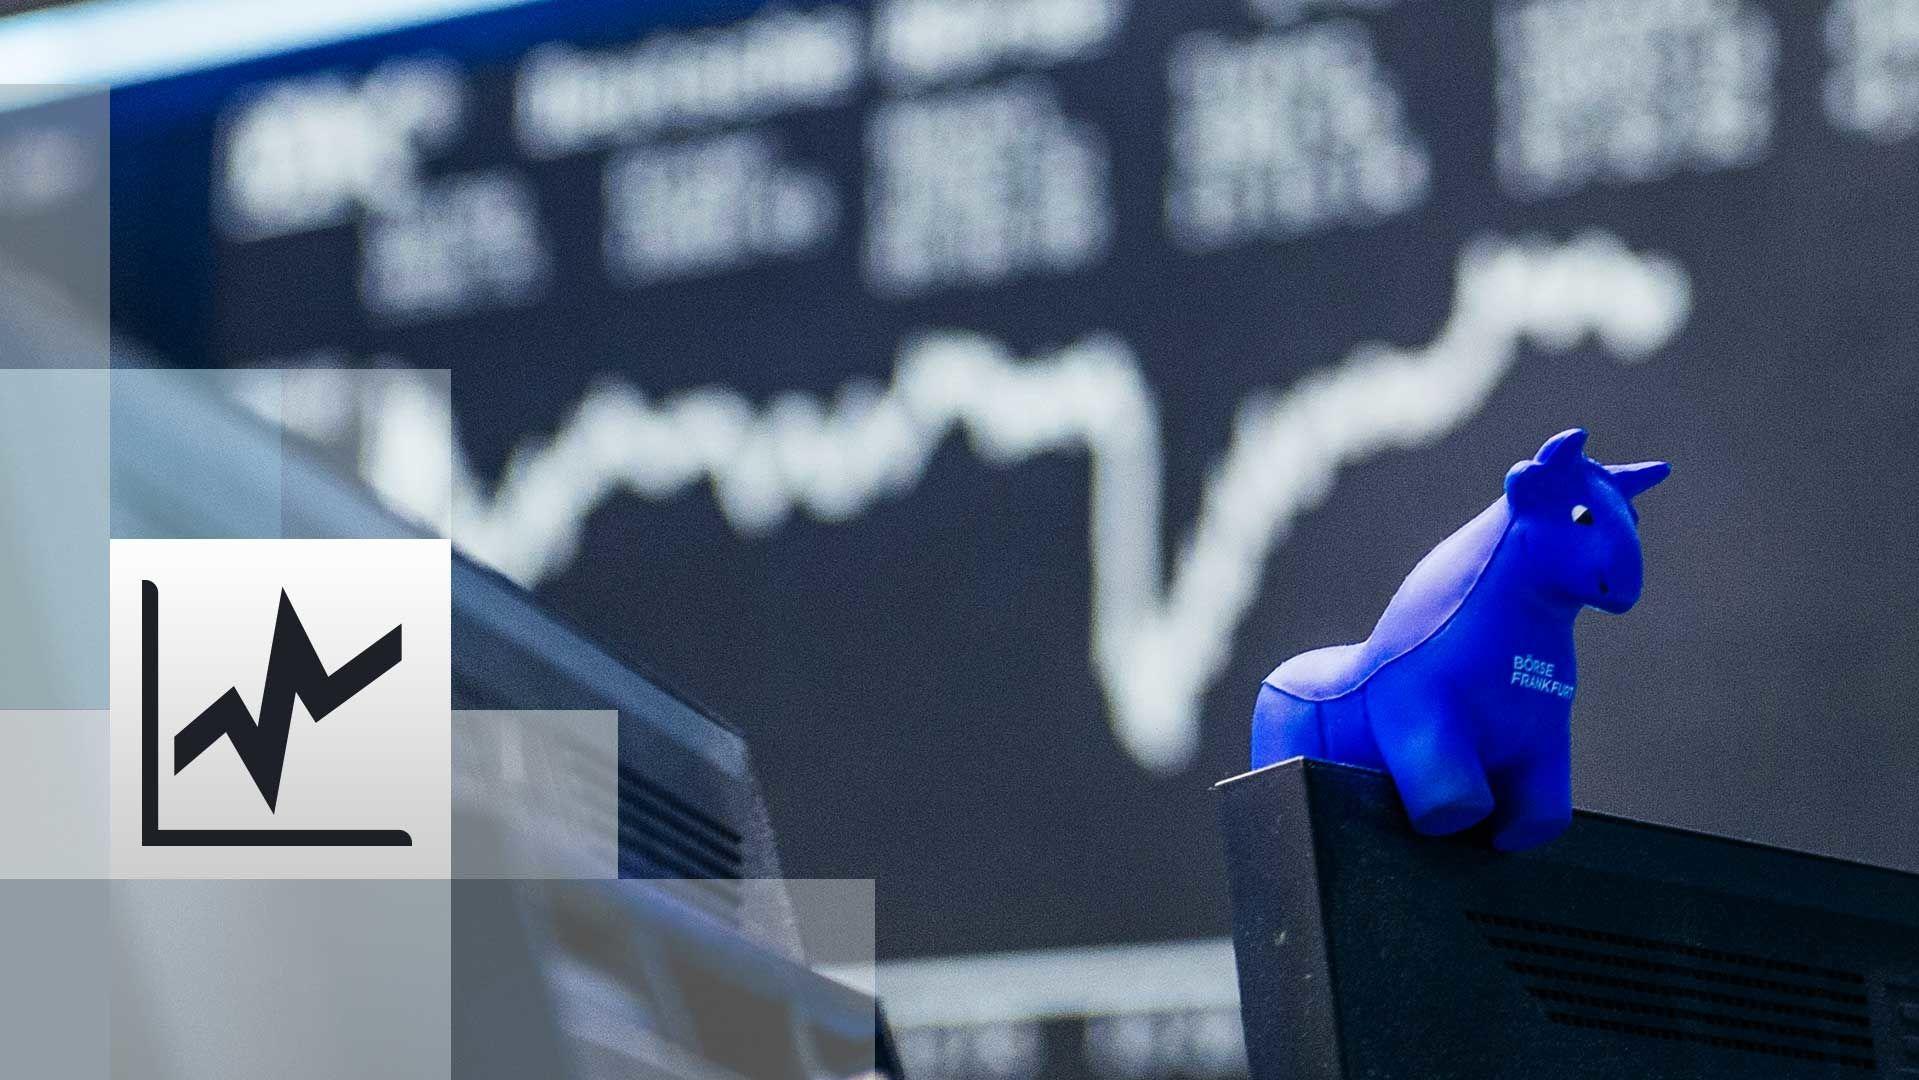 Börse: Pandemie-Angst belastet Wall Street